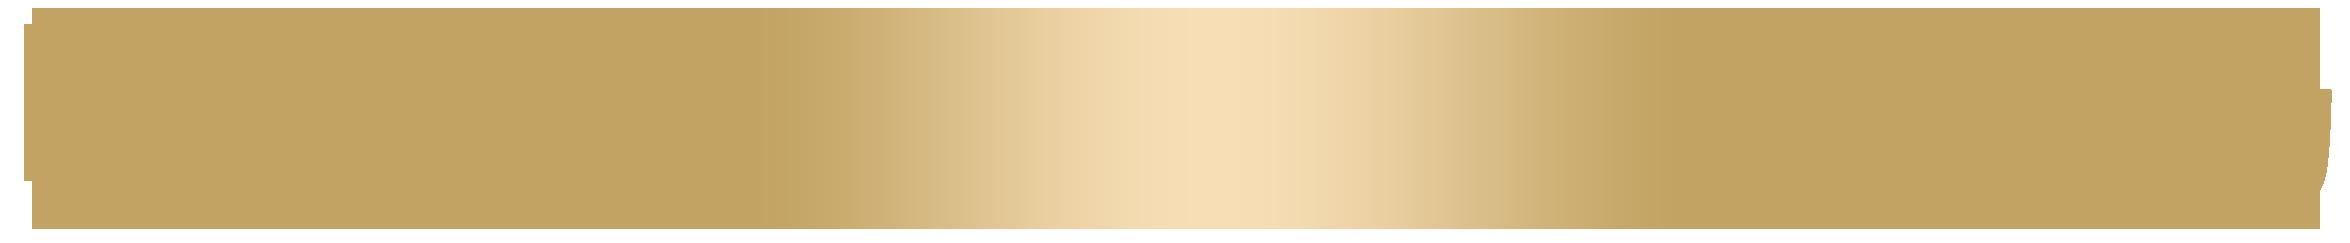 キンプリ(King & Prince)最新情報局